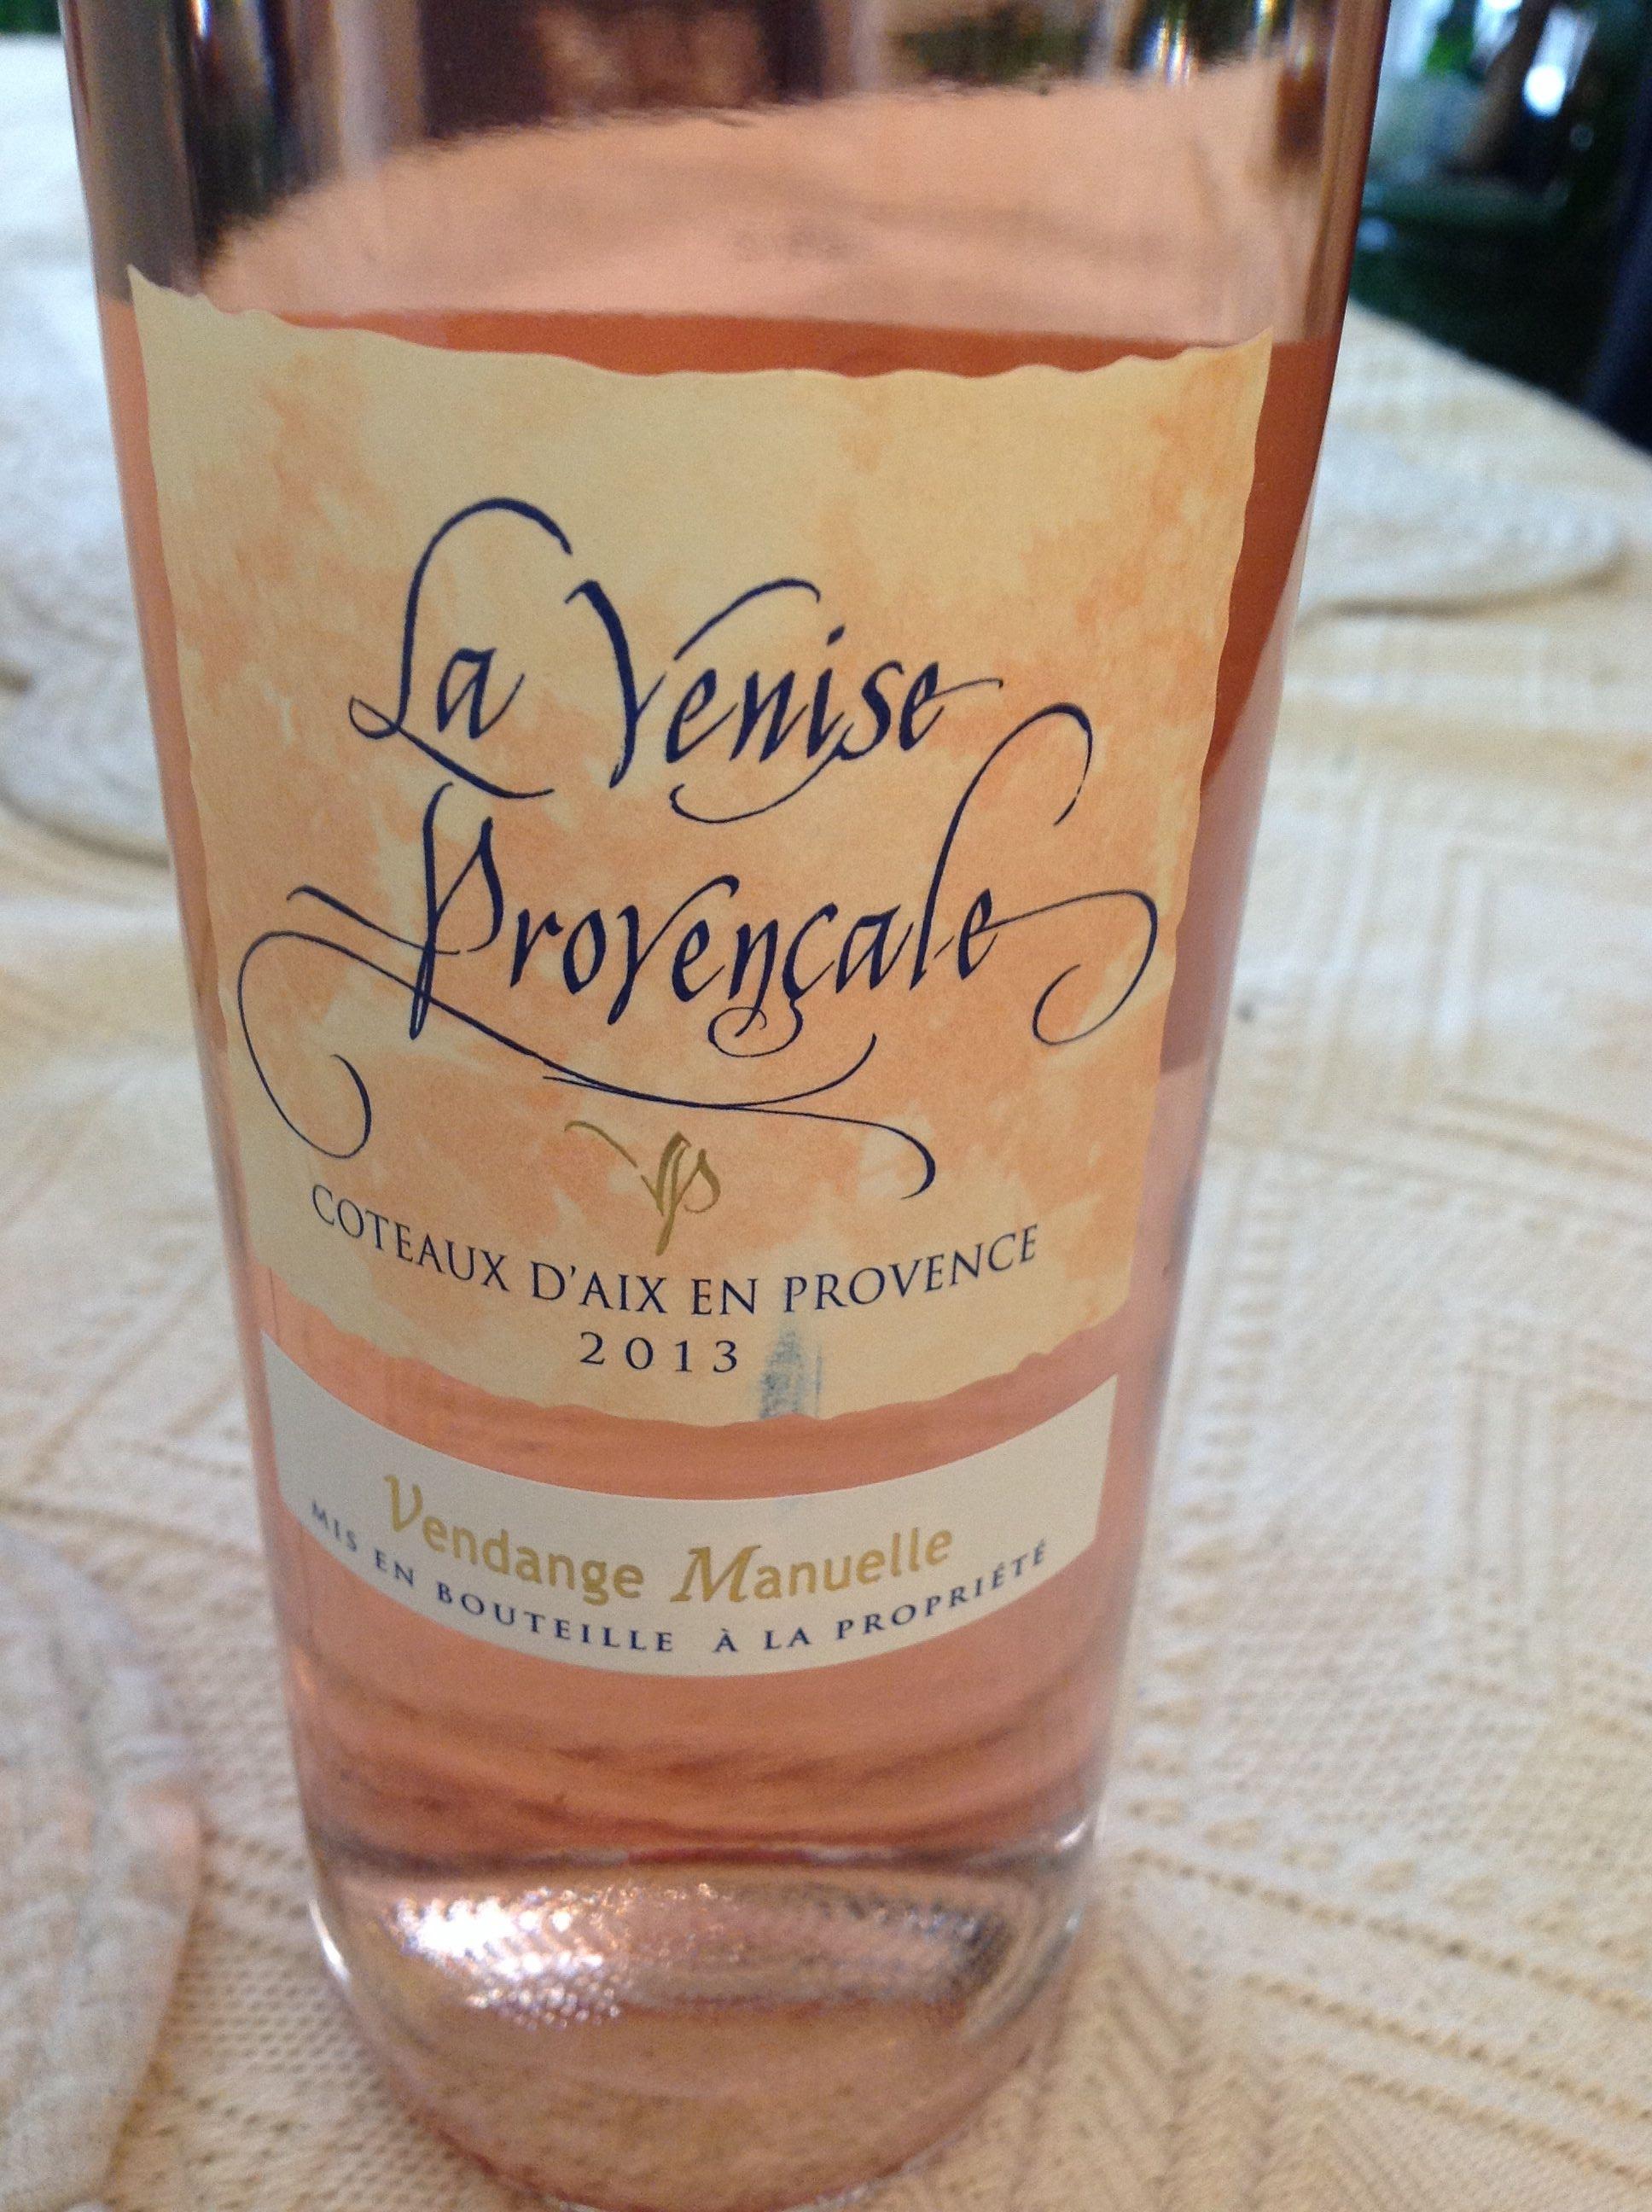 La Venise provençale coteaux d'Aix-en-Provence 2013 vendanges manuelles - Product